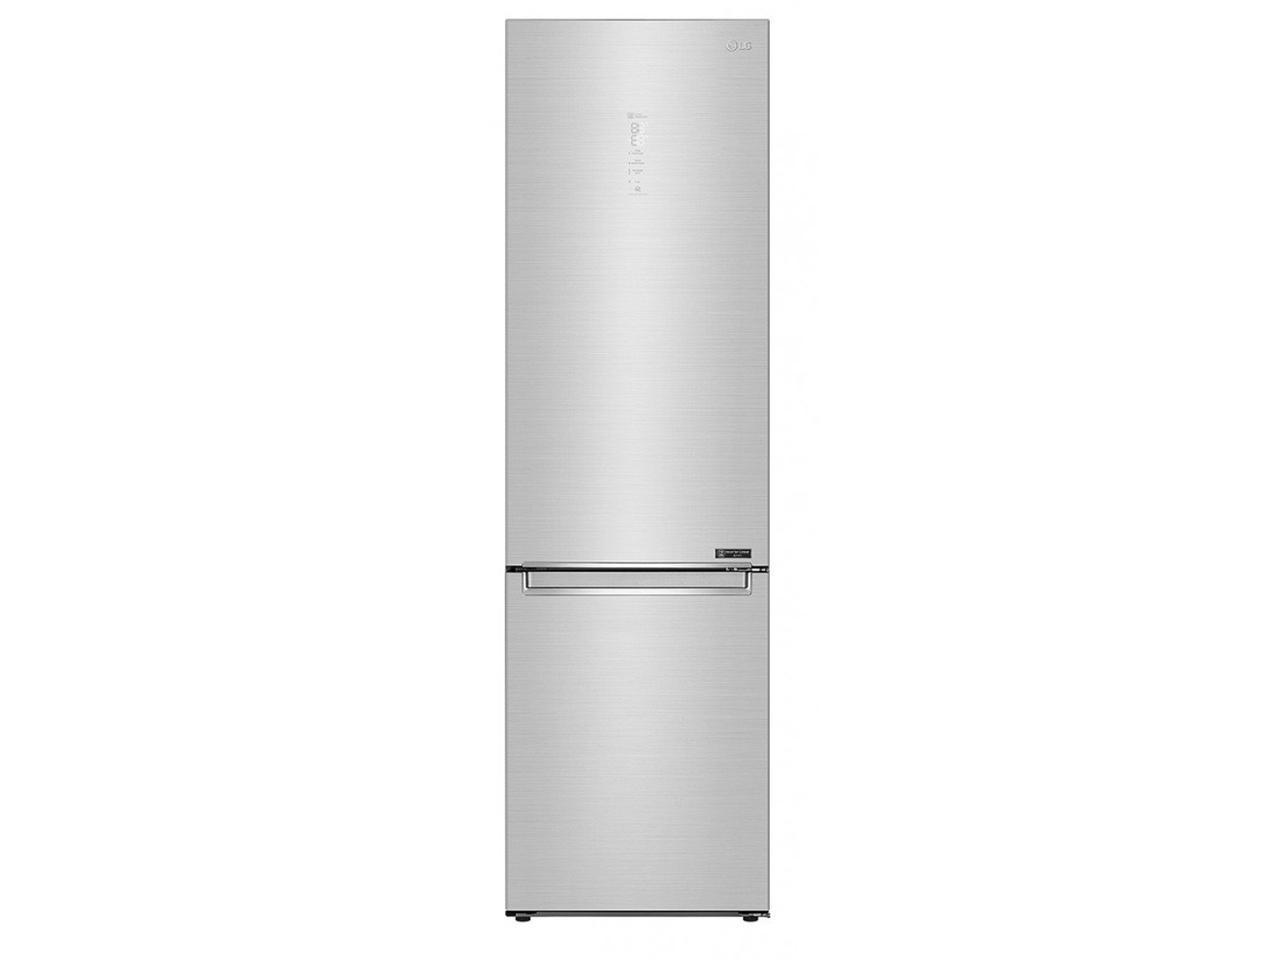 Холодильник з нижньою морозилкою LG GW-B509PSAX